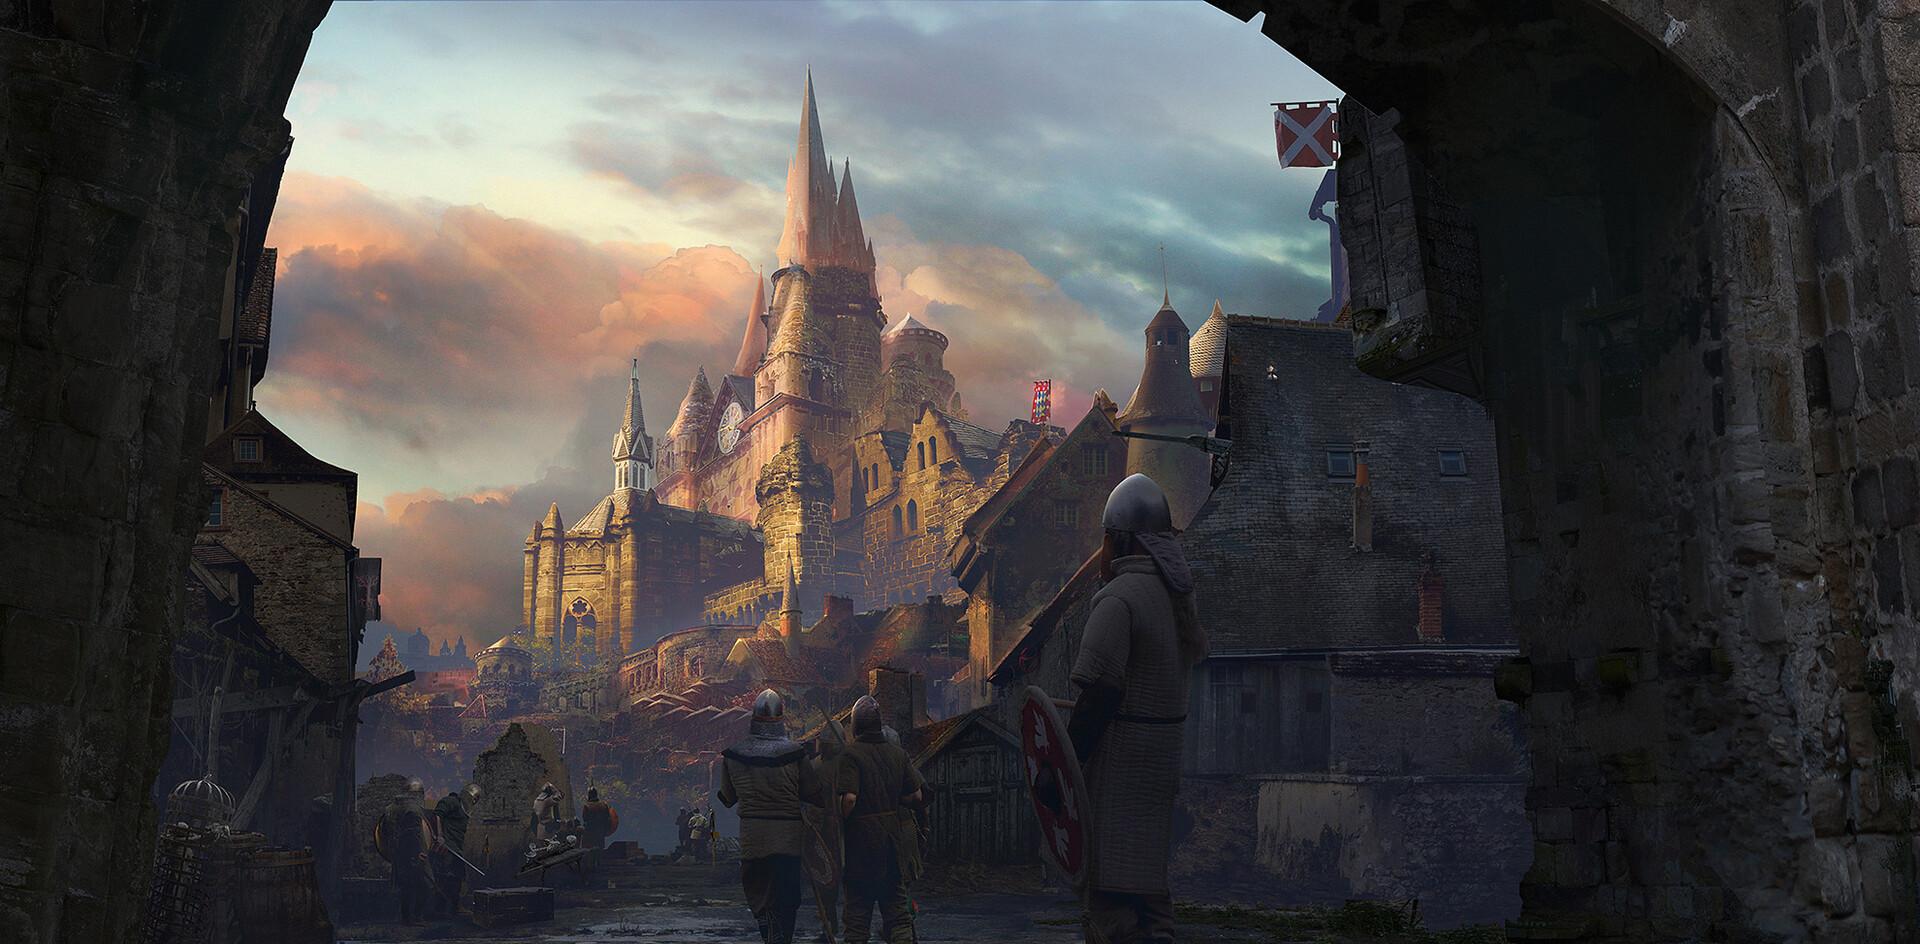 Liang mark castle